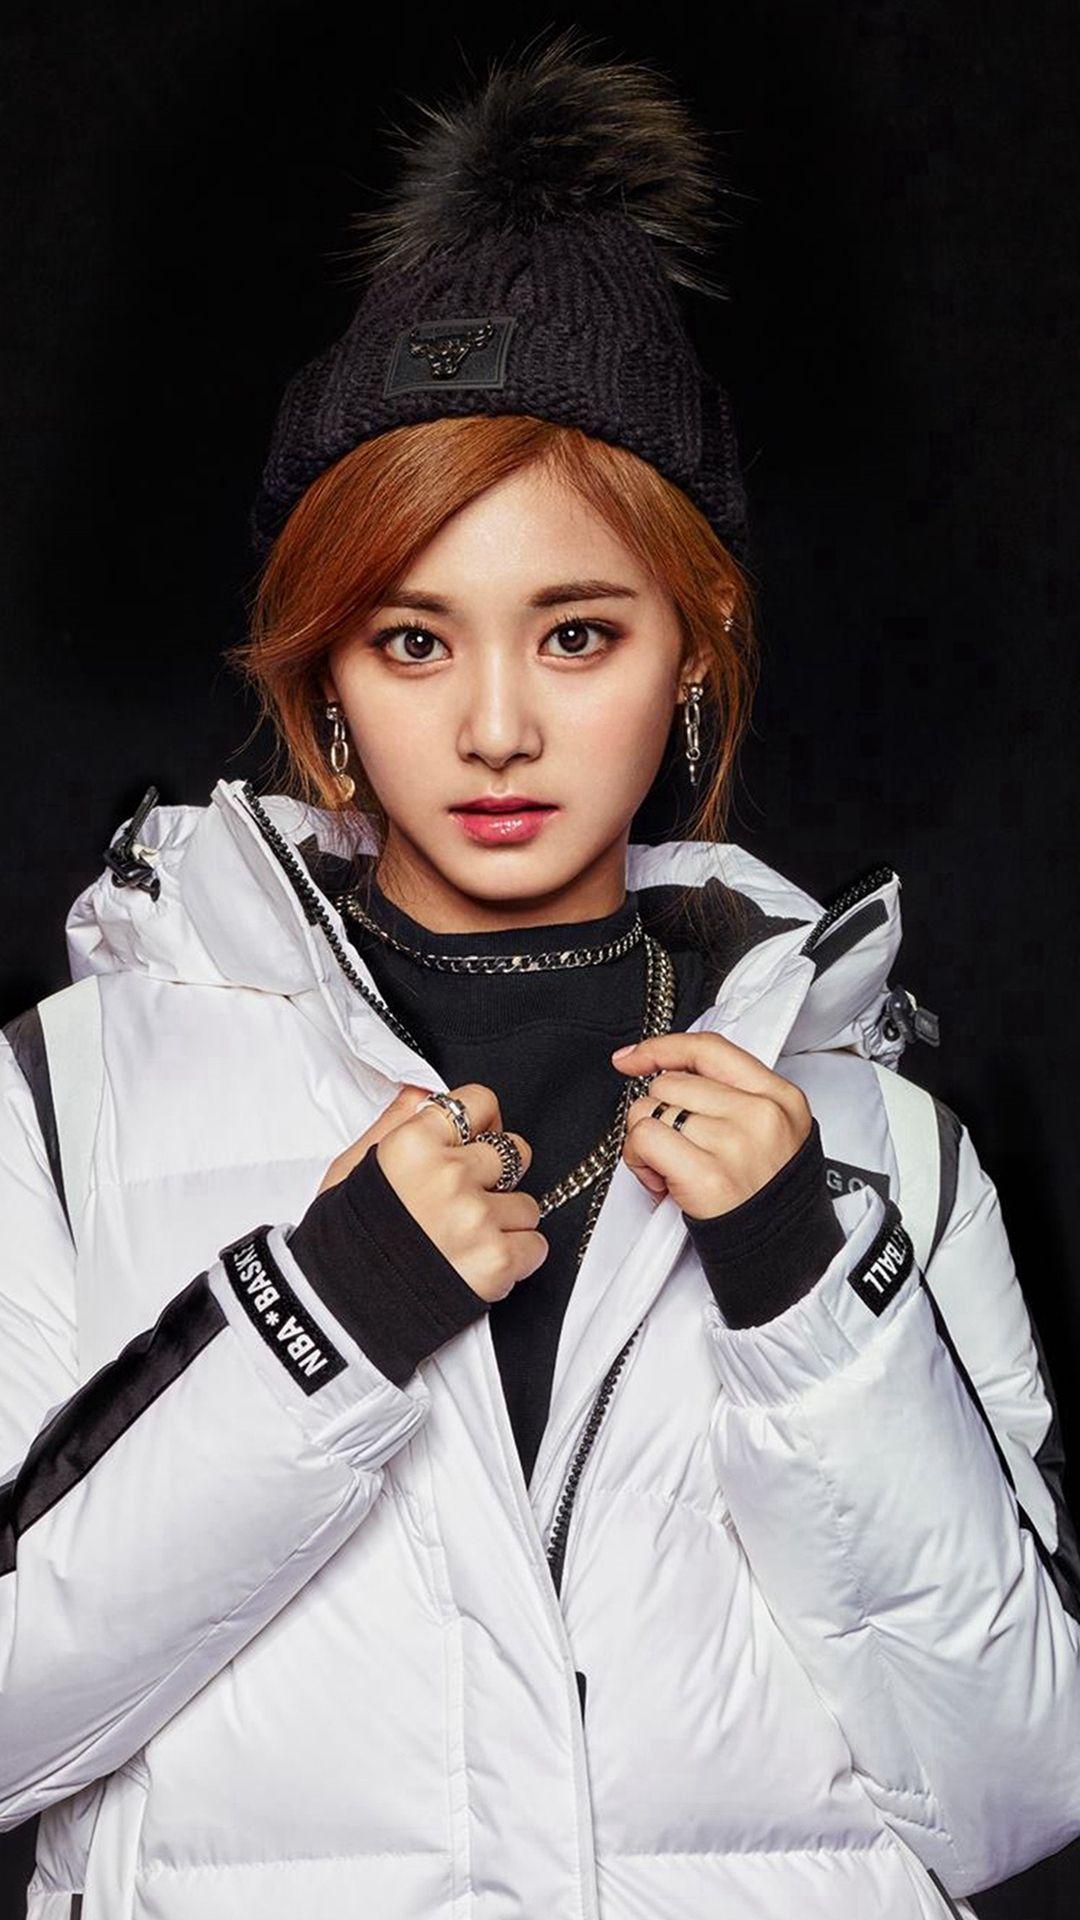 Kpop Girl Sungso Asian Winter iPhone 6 wallpaper